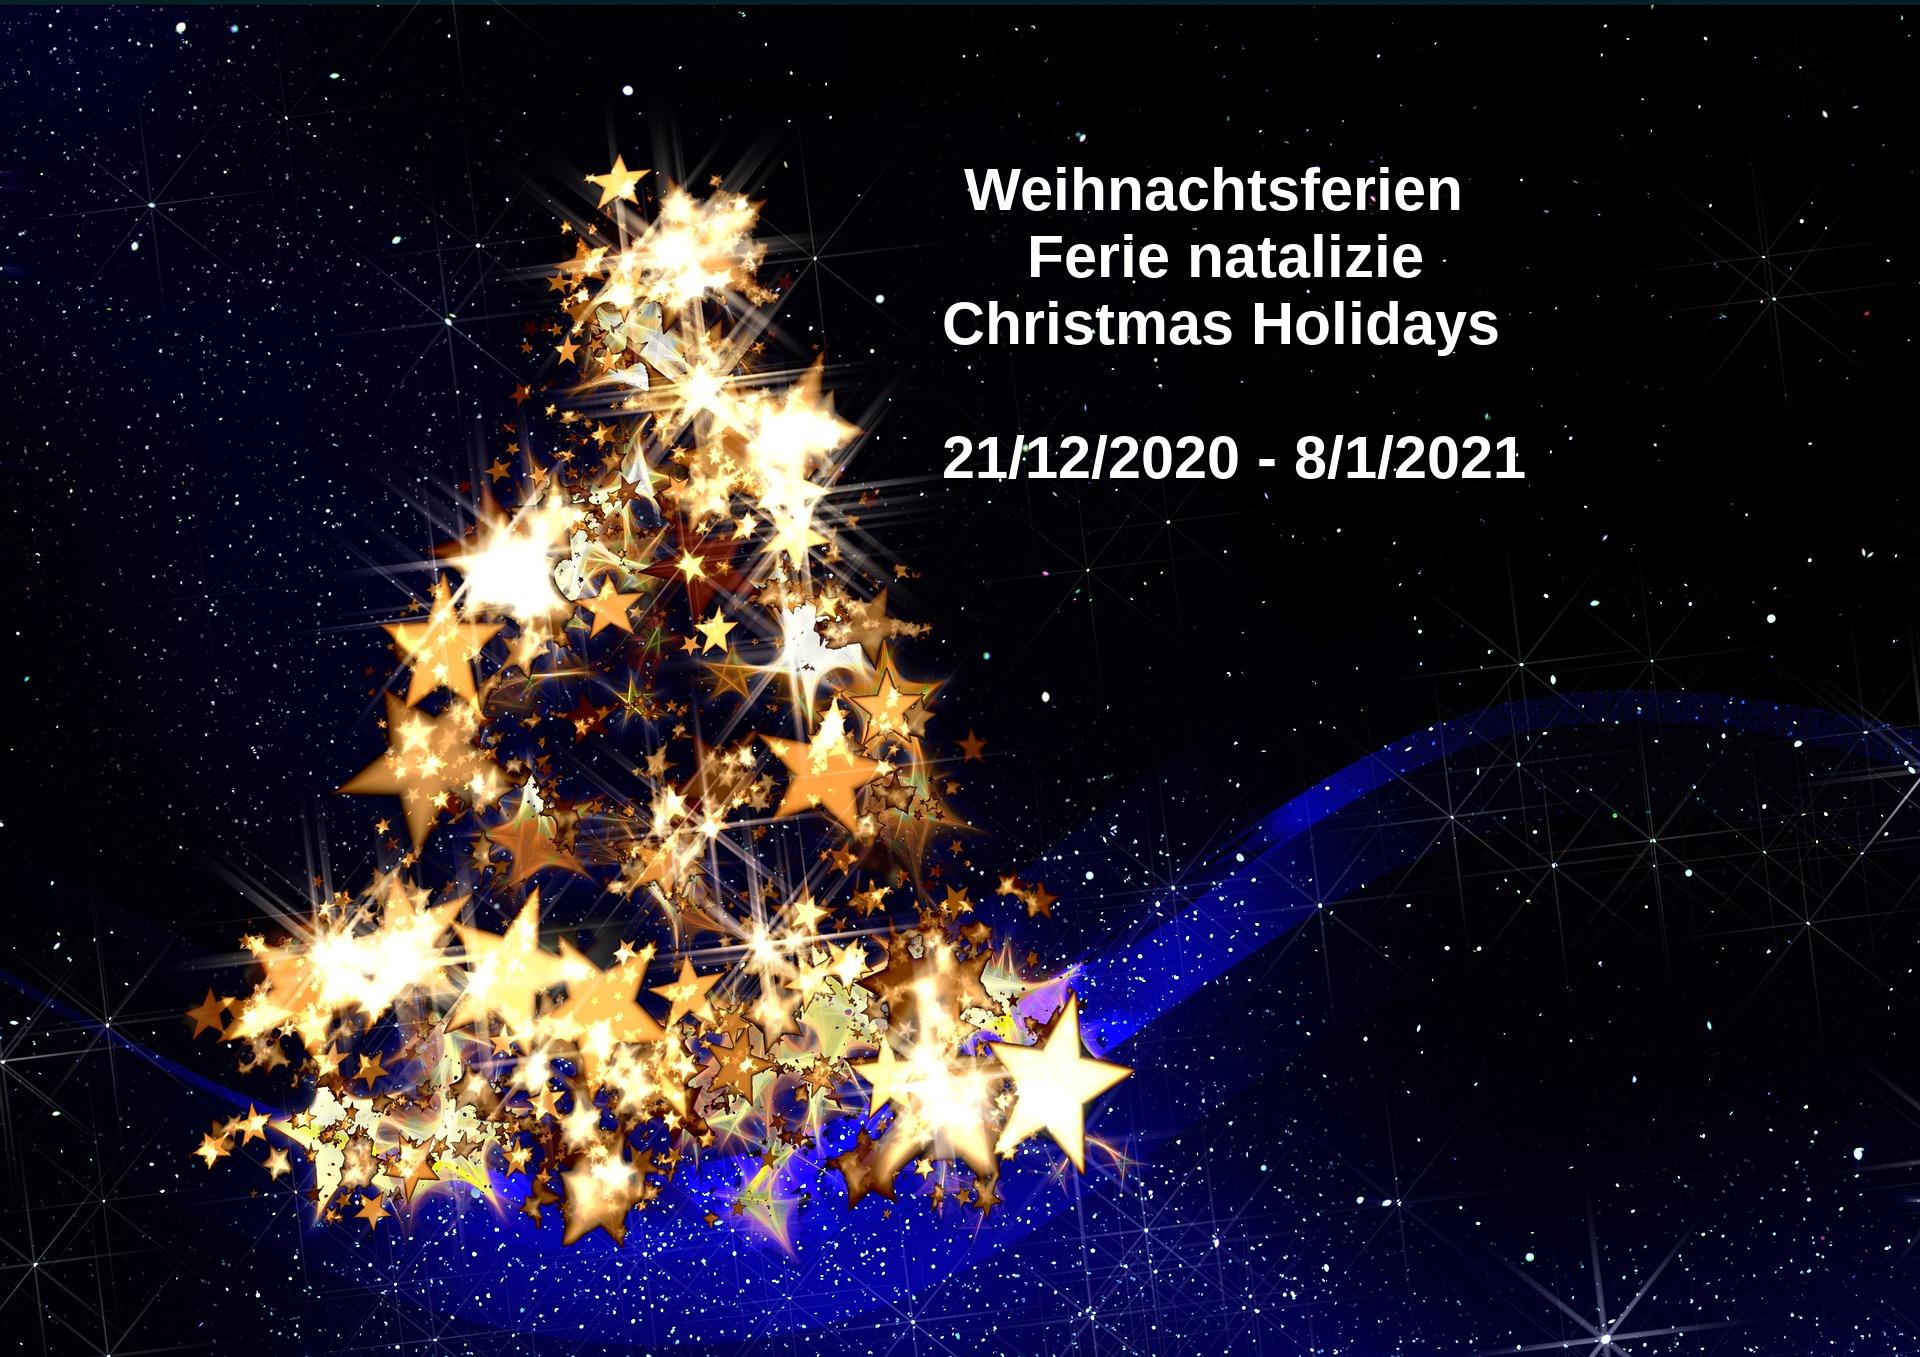 Christmas Holidays 21/12/2020 – 8/1/2021